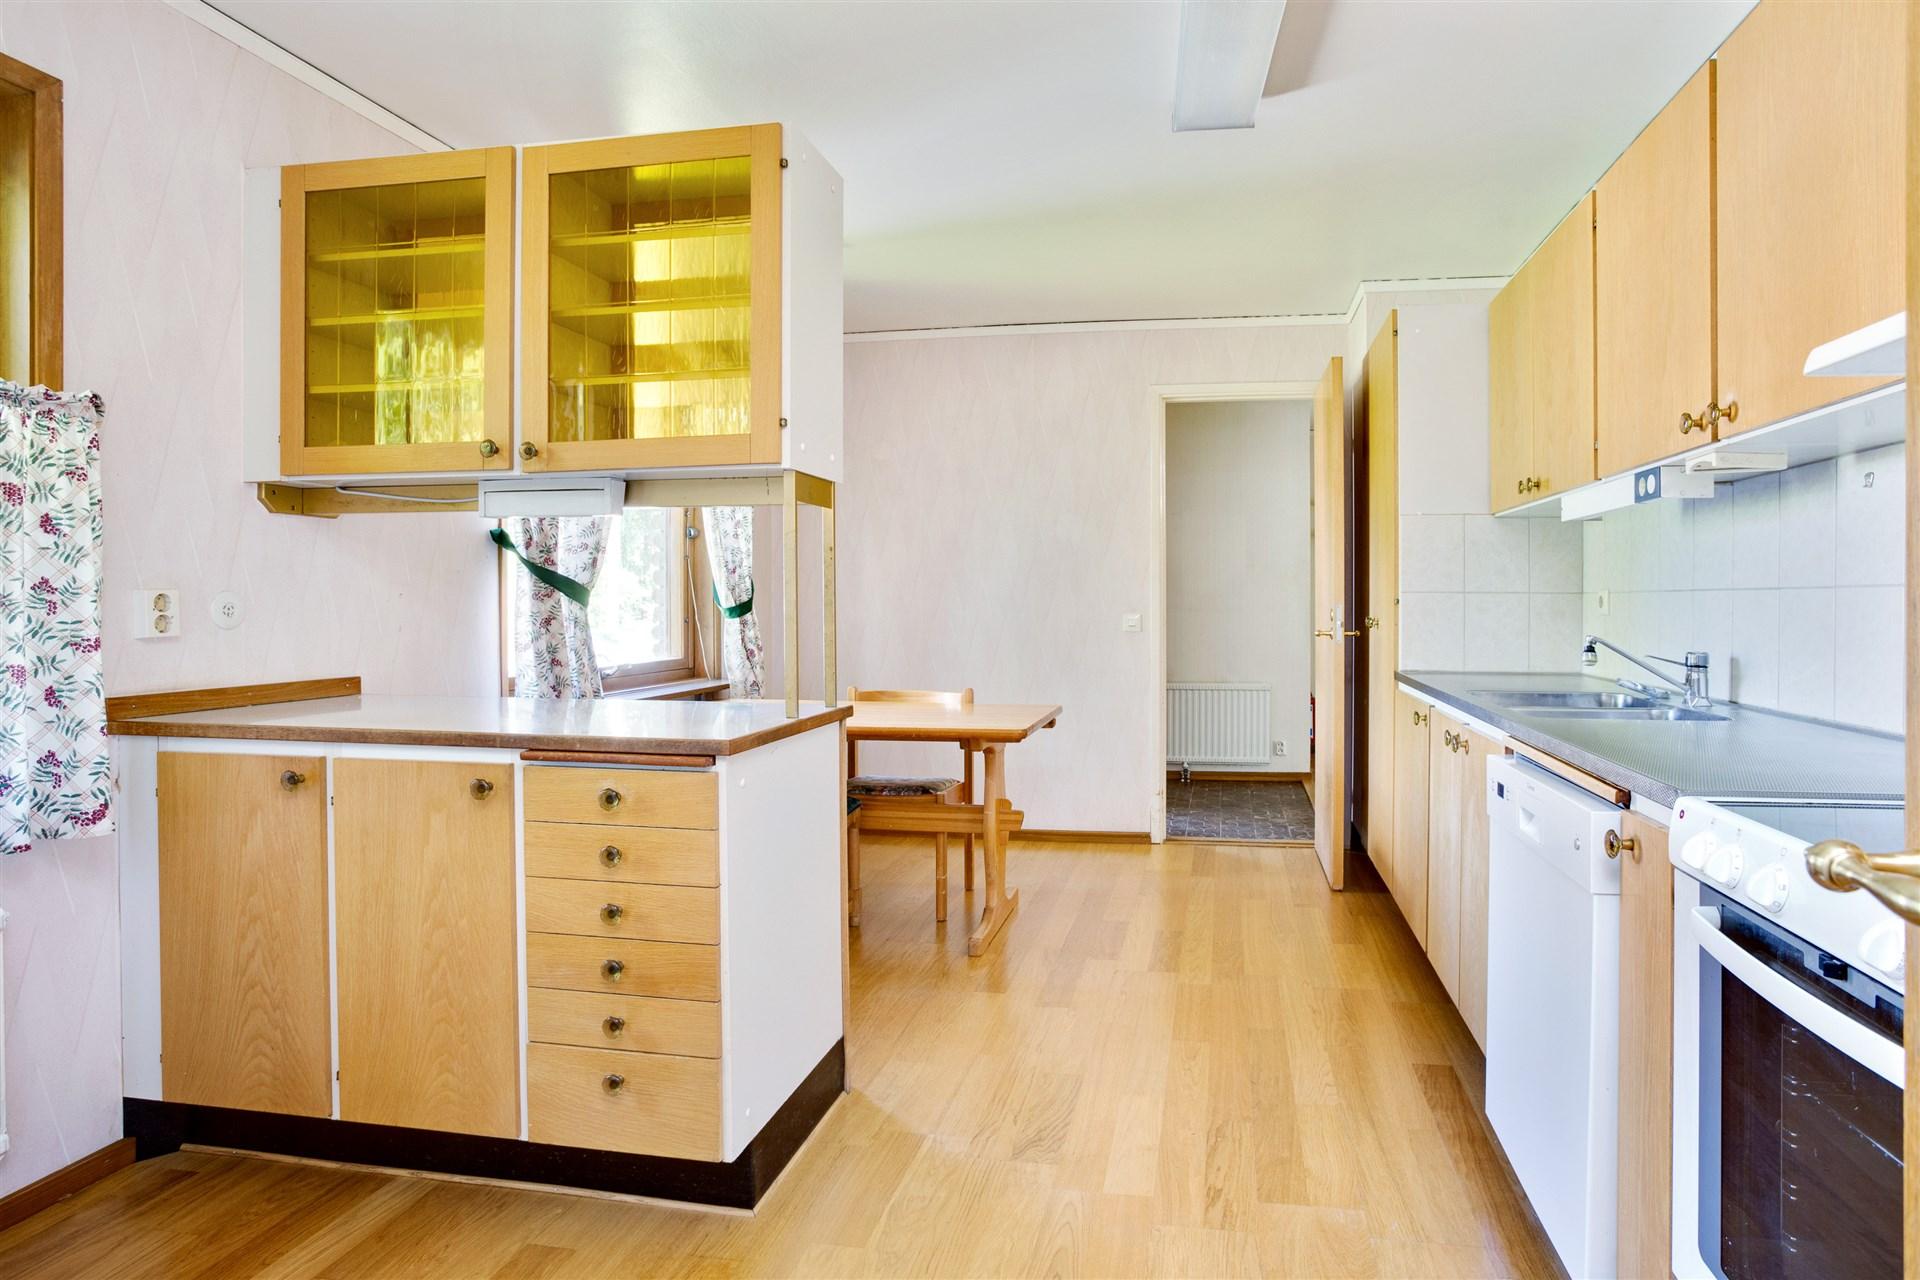 Köket har en bar del med vitrinskåp.